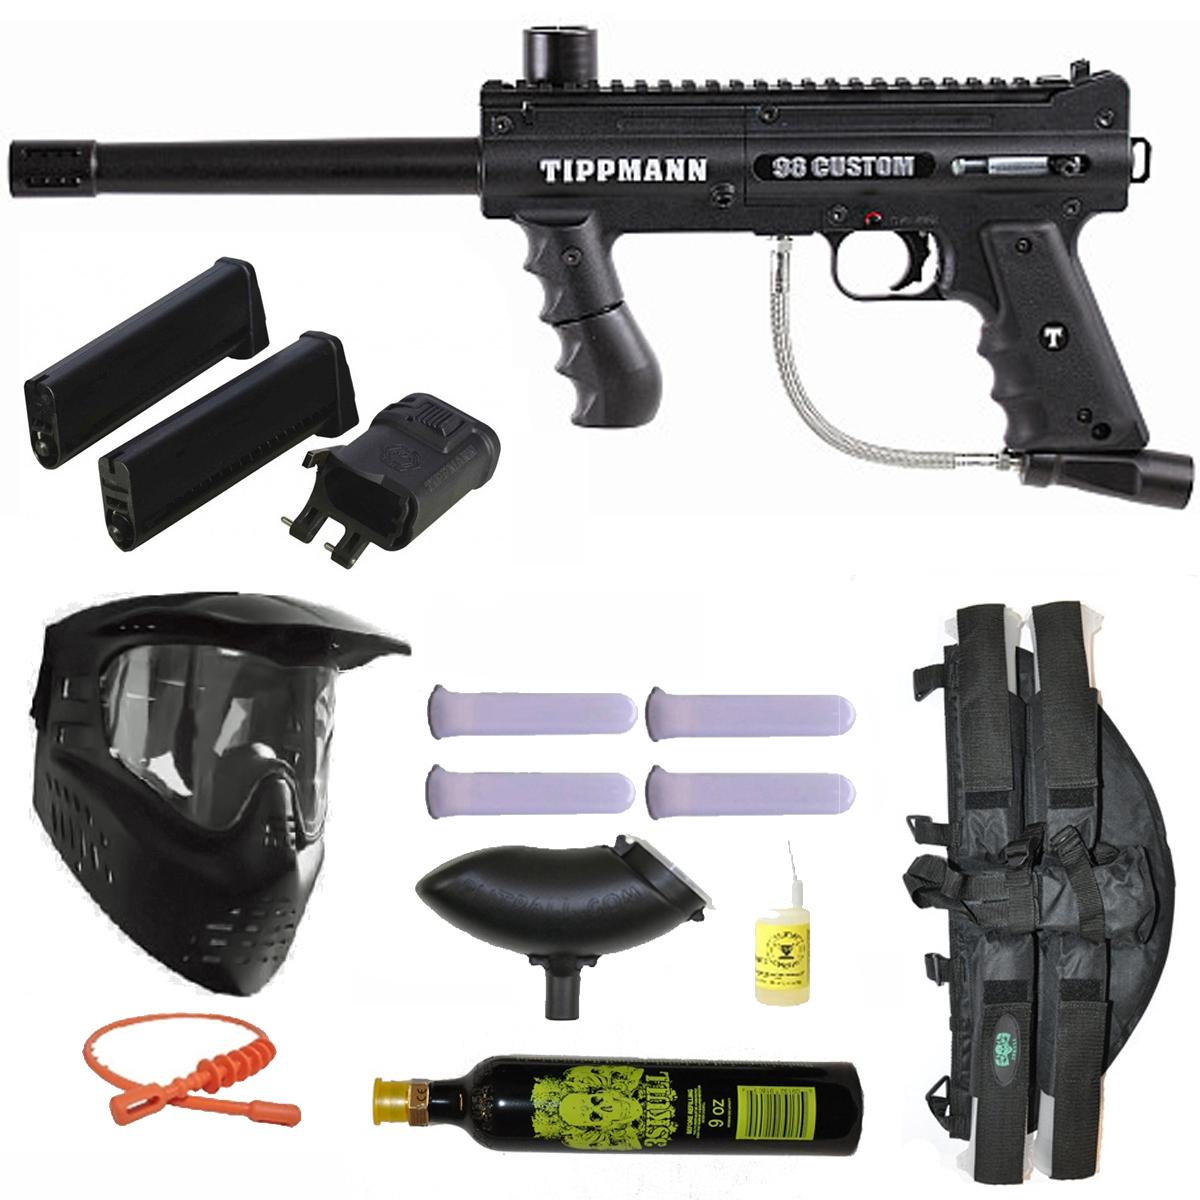 Tippmann Paintball Tippmann 98 Custom PS Paintball Gun w/ Mag Fed Adapter 3Skull 4+1 9oz Mega Set